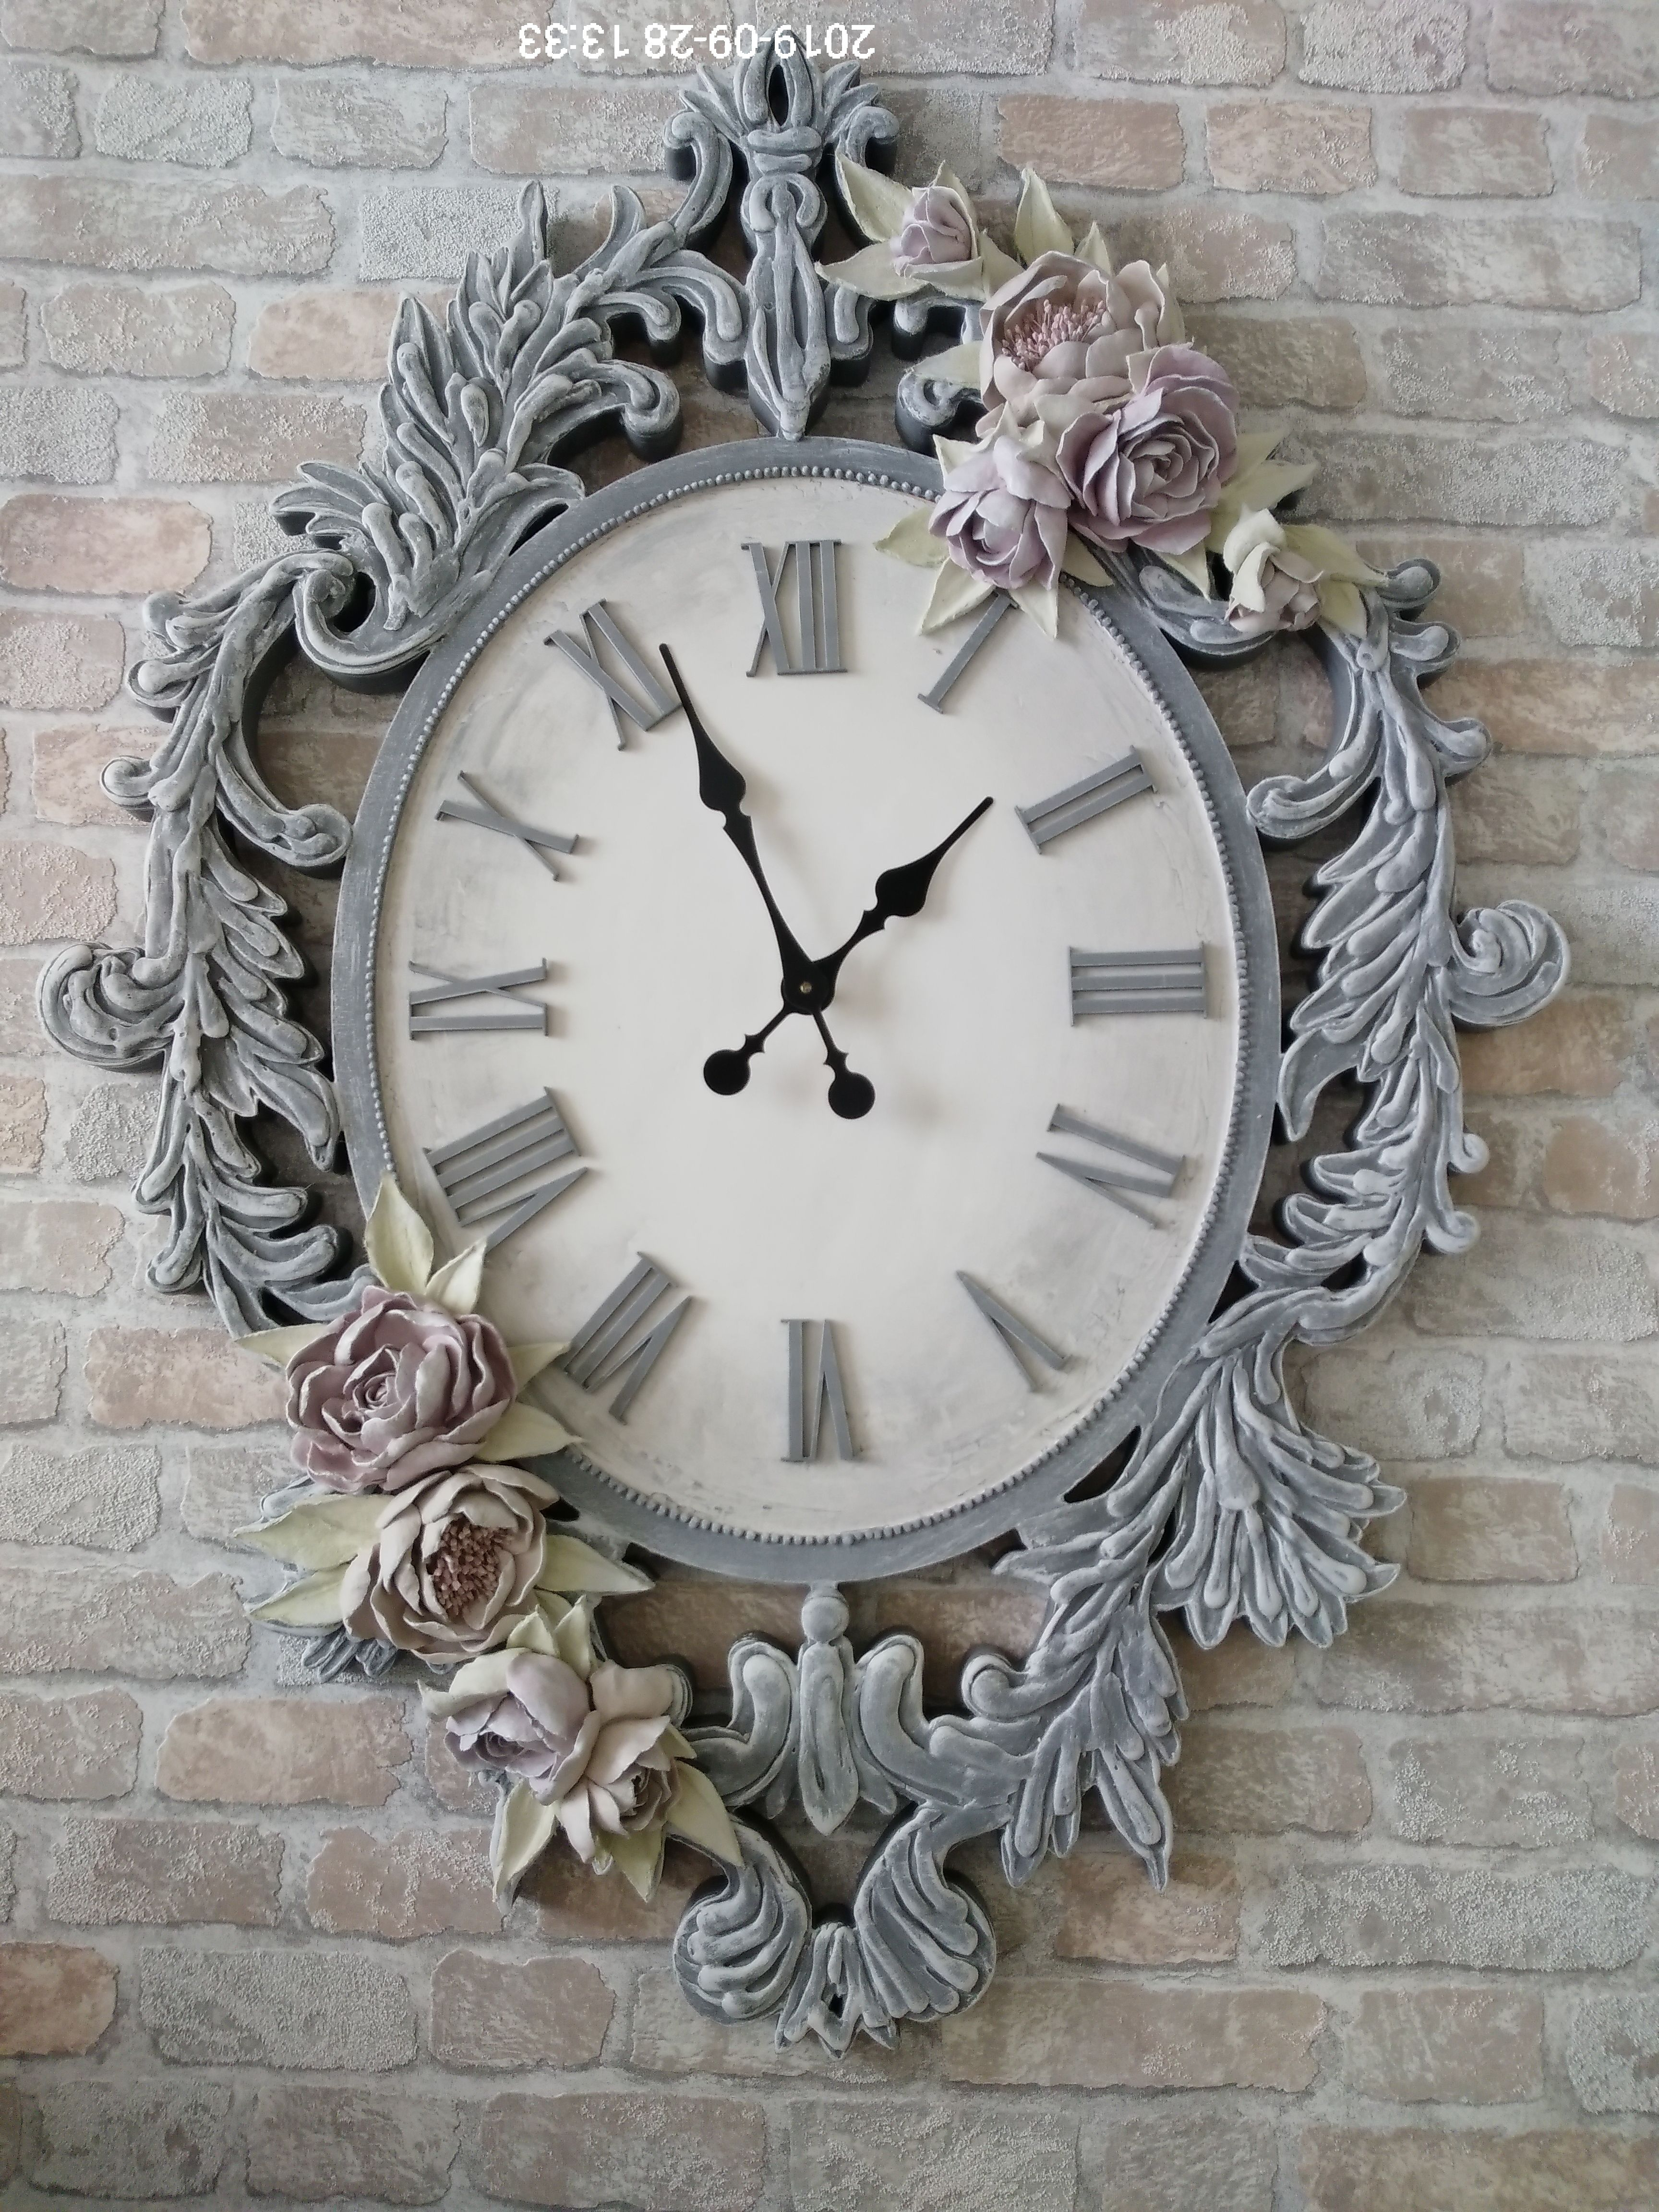 подарок работа ручная интерьер дизайн часы гостинная шеббишик